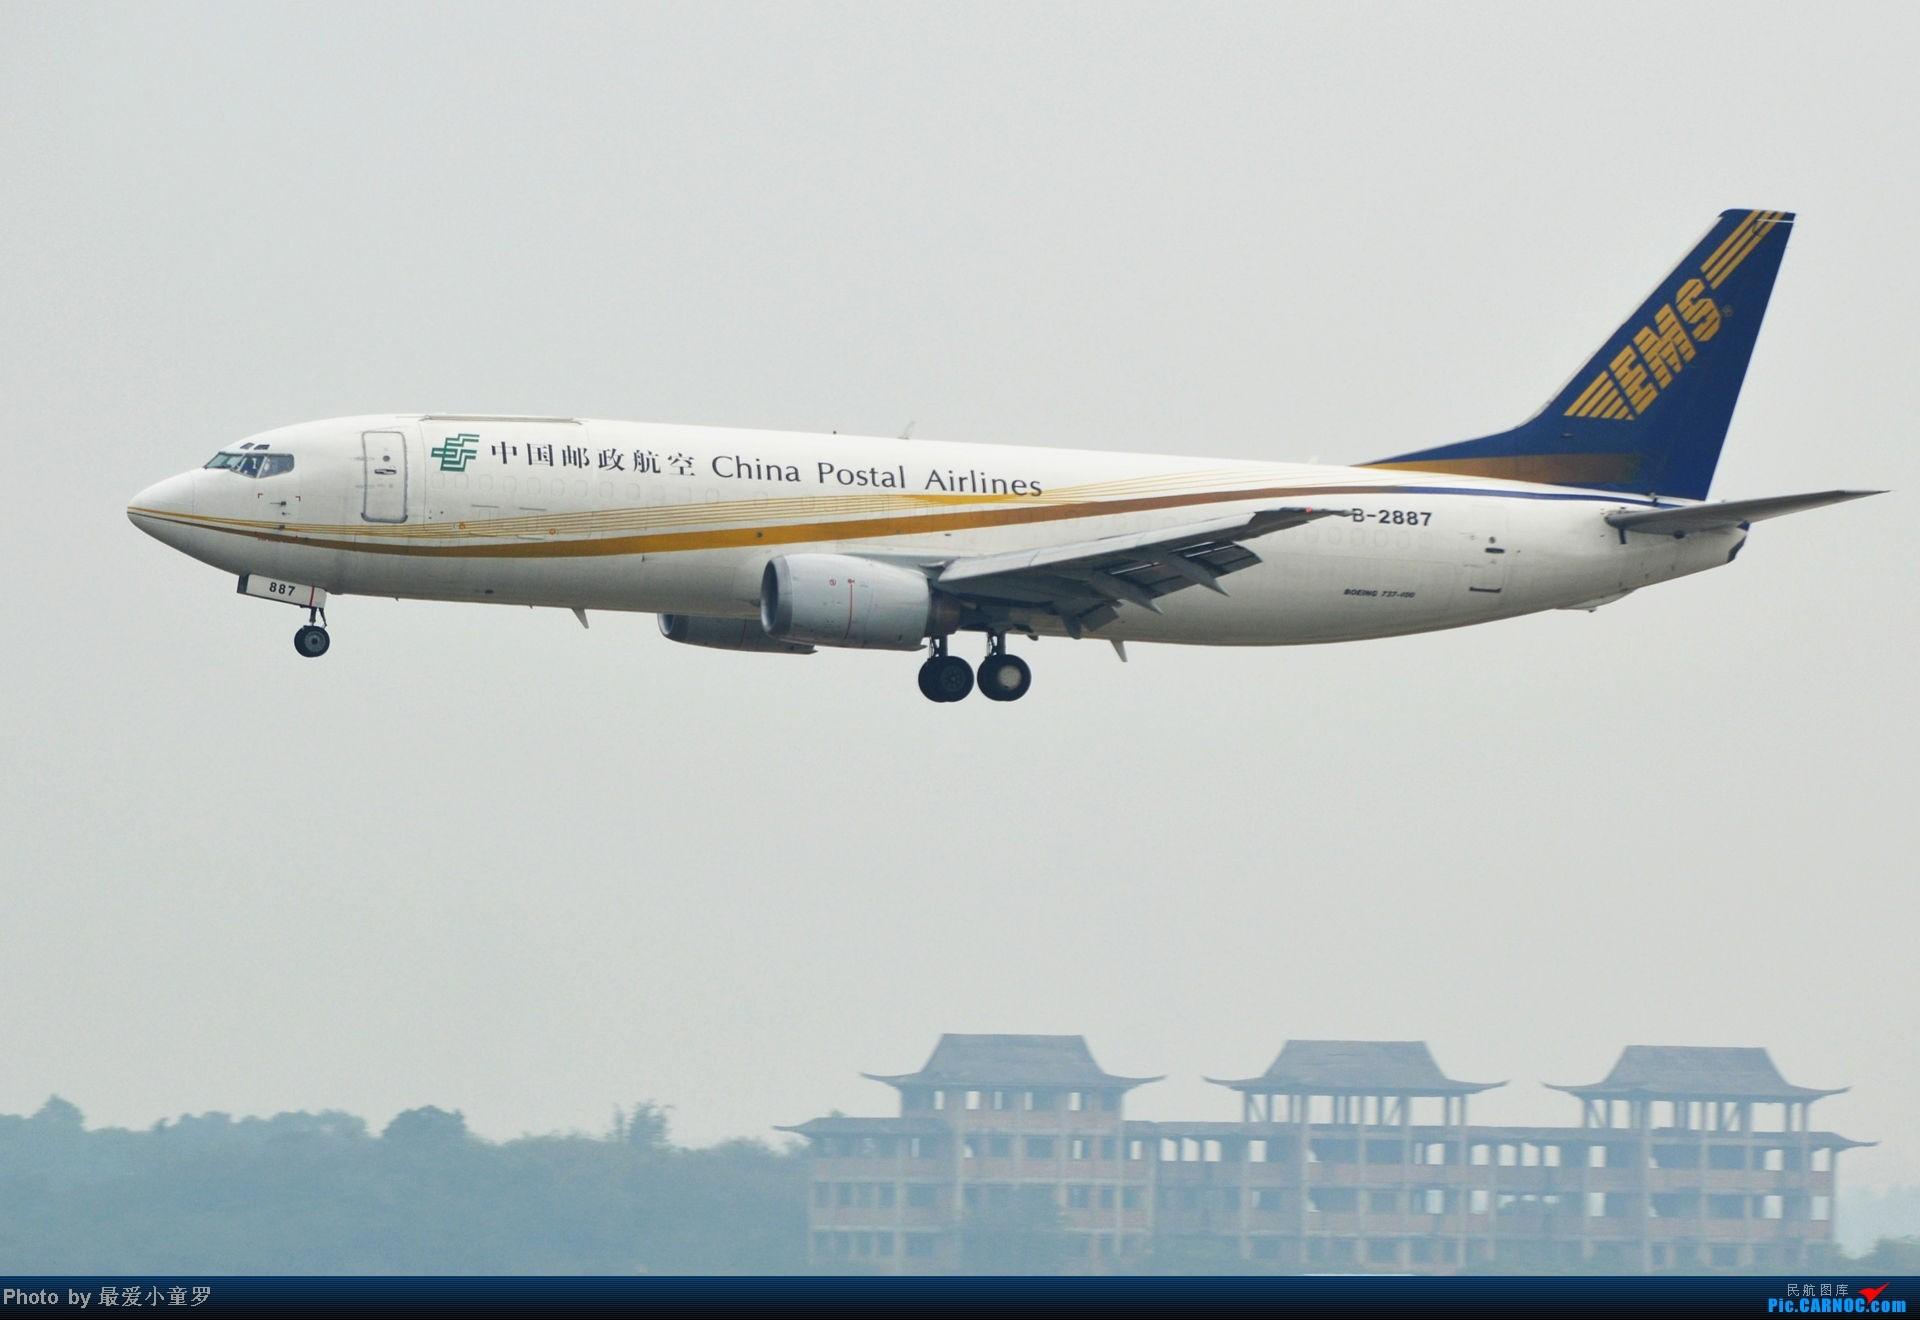 Re:[原创]去年11月15日,CAN烂天拍机,修出来的图无法直视 BOEING 737-400 B-2887 中国广州白云机场